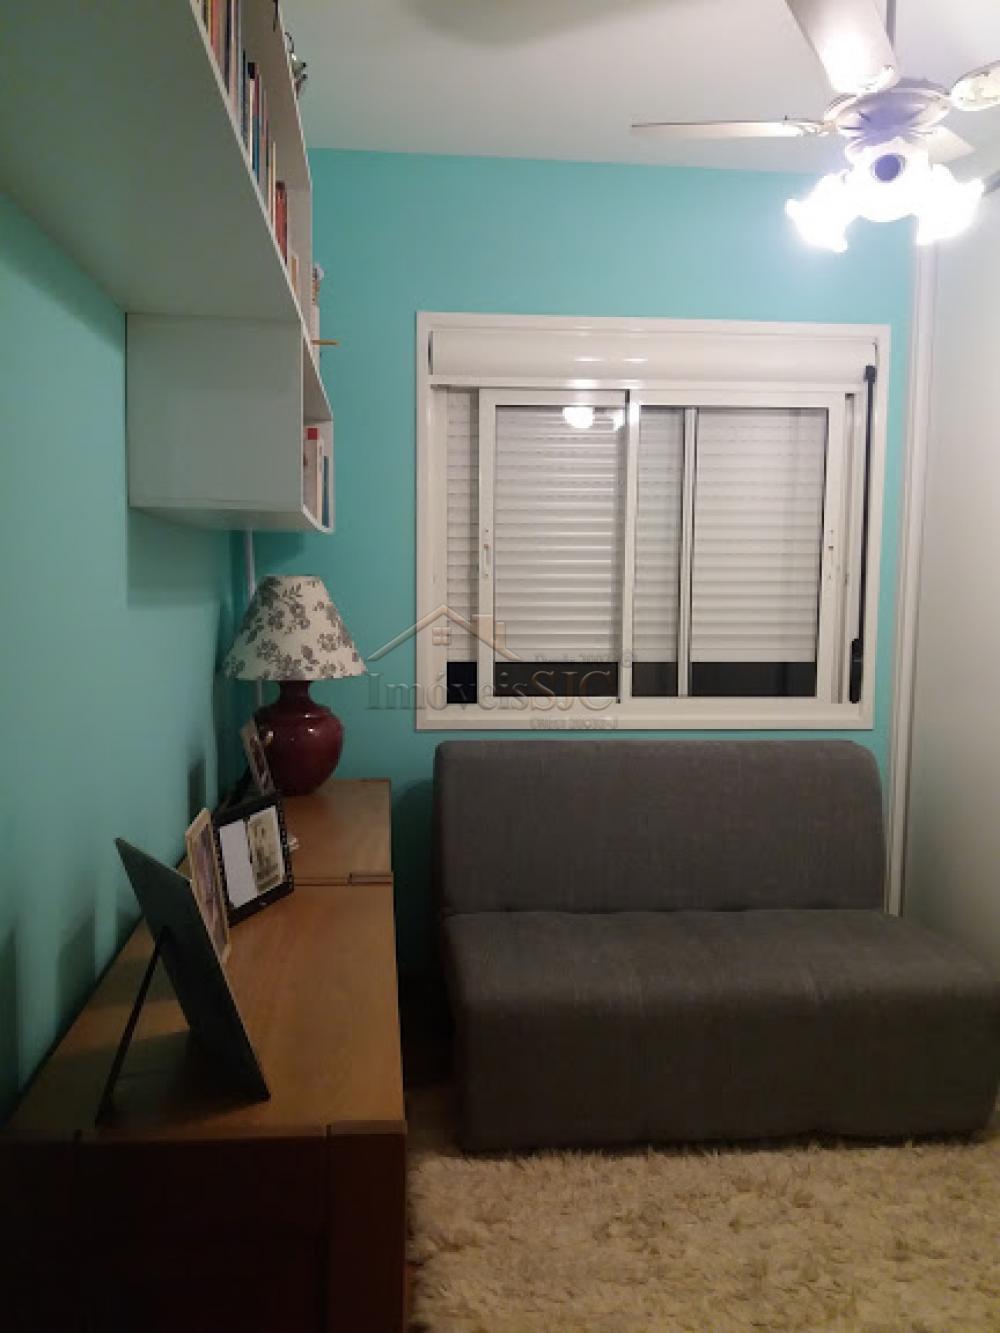 Comprar Apartamentos / Padrão em São José dos Campos apenas R$ 900.000,00 - Foto 11